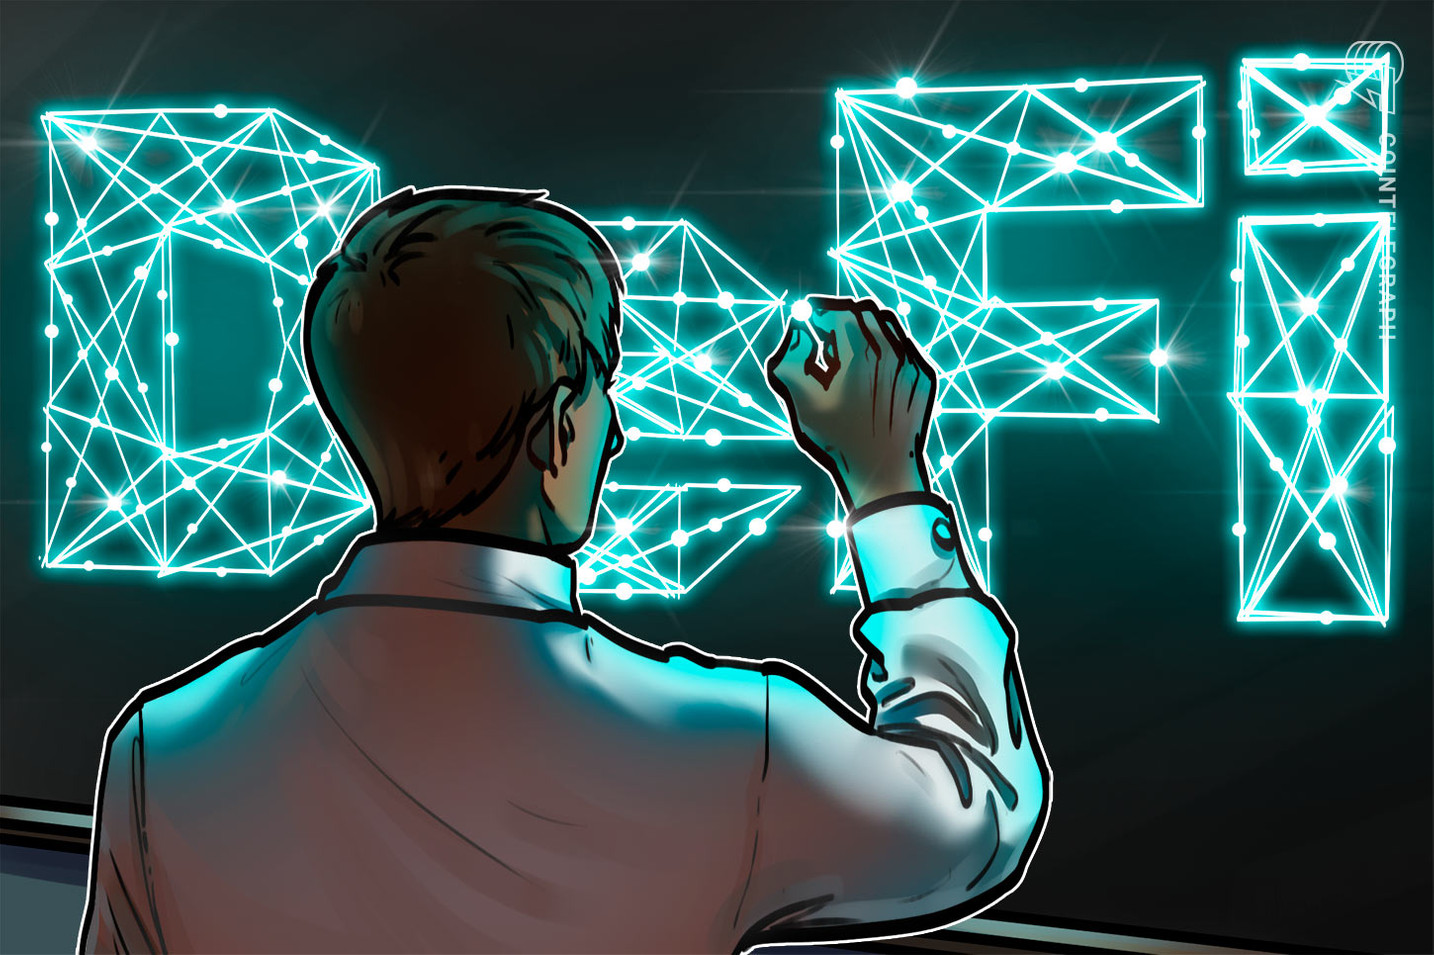 ¿Pueden los índices de DeFi hacer finalmente que valga la pena la inversión pasiva basada en criptomonedas?